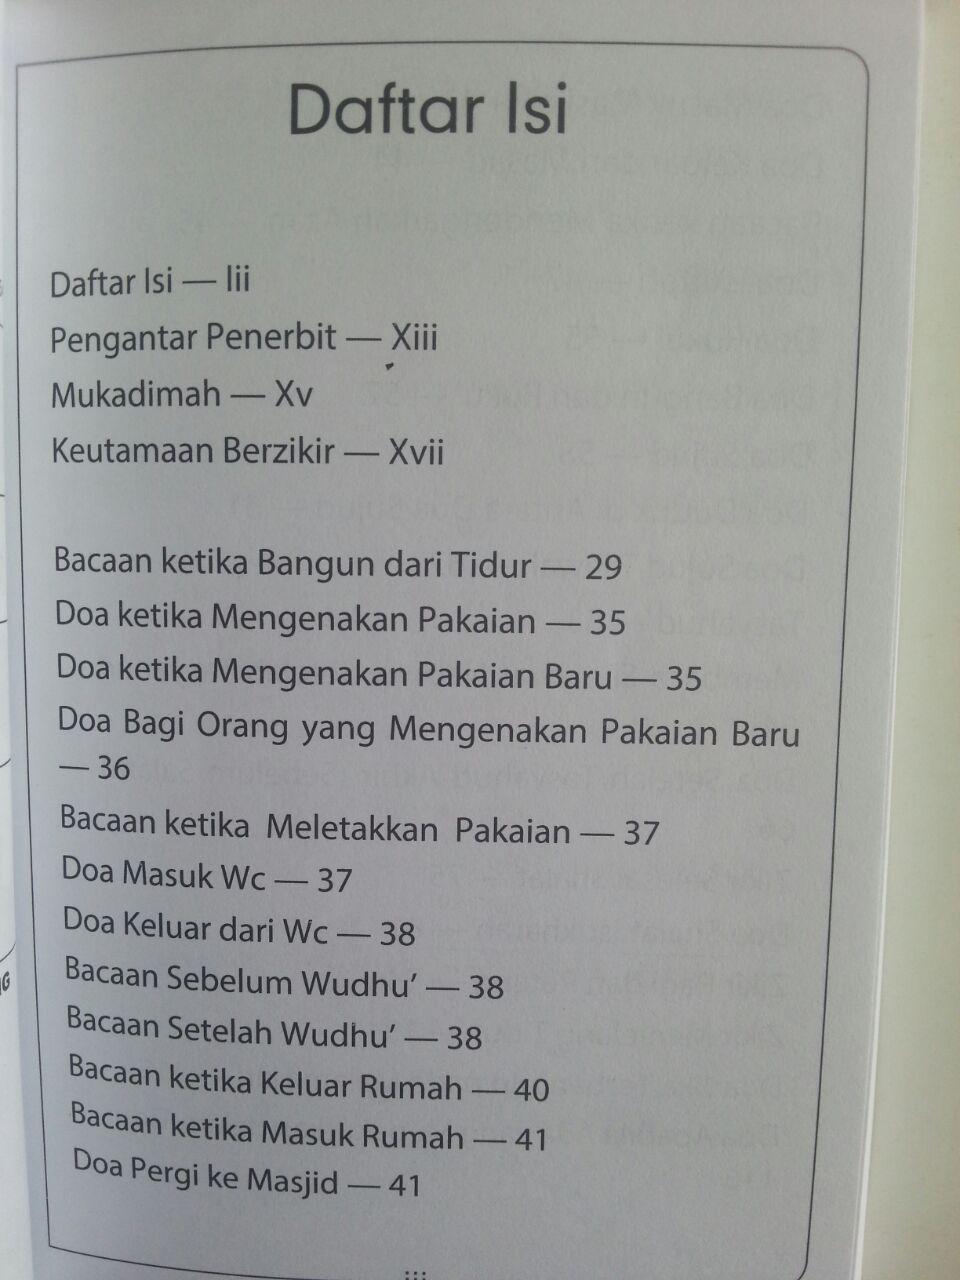 Buku Hishnul Muslim Doa Dan Zikir Sehari-Hari Dari Quran Sunnah isi 2